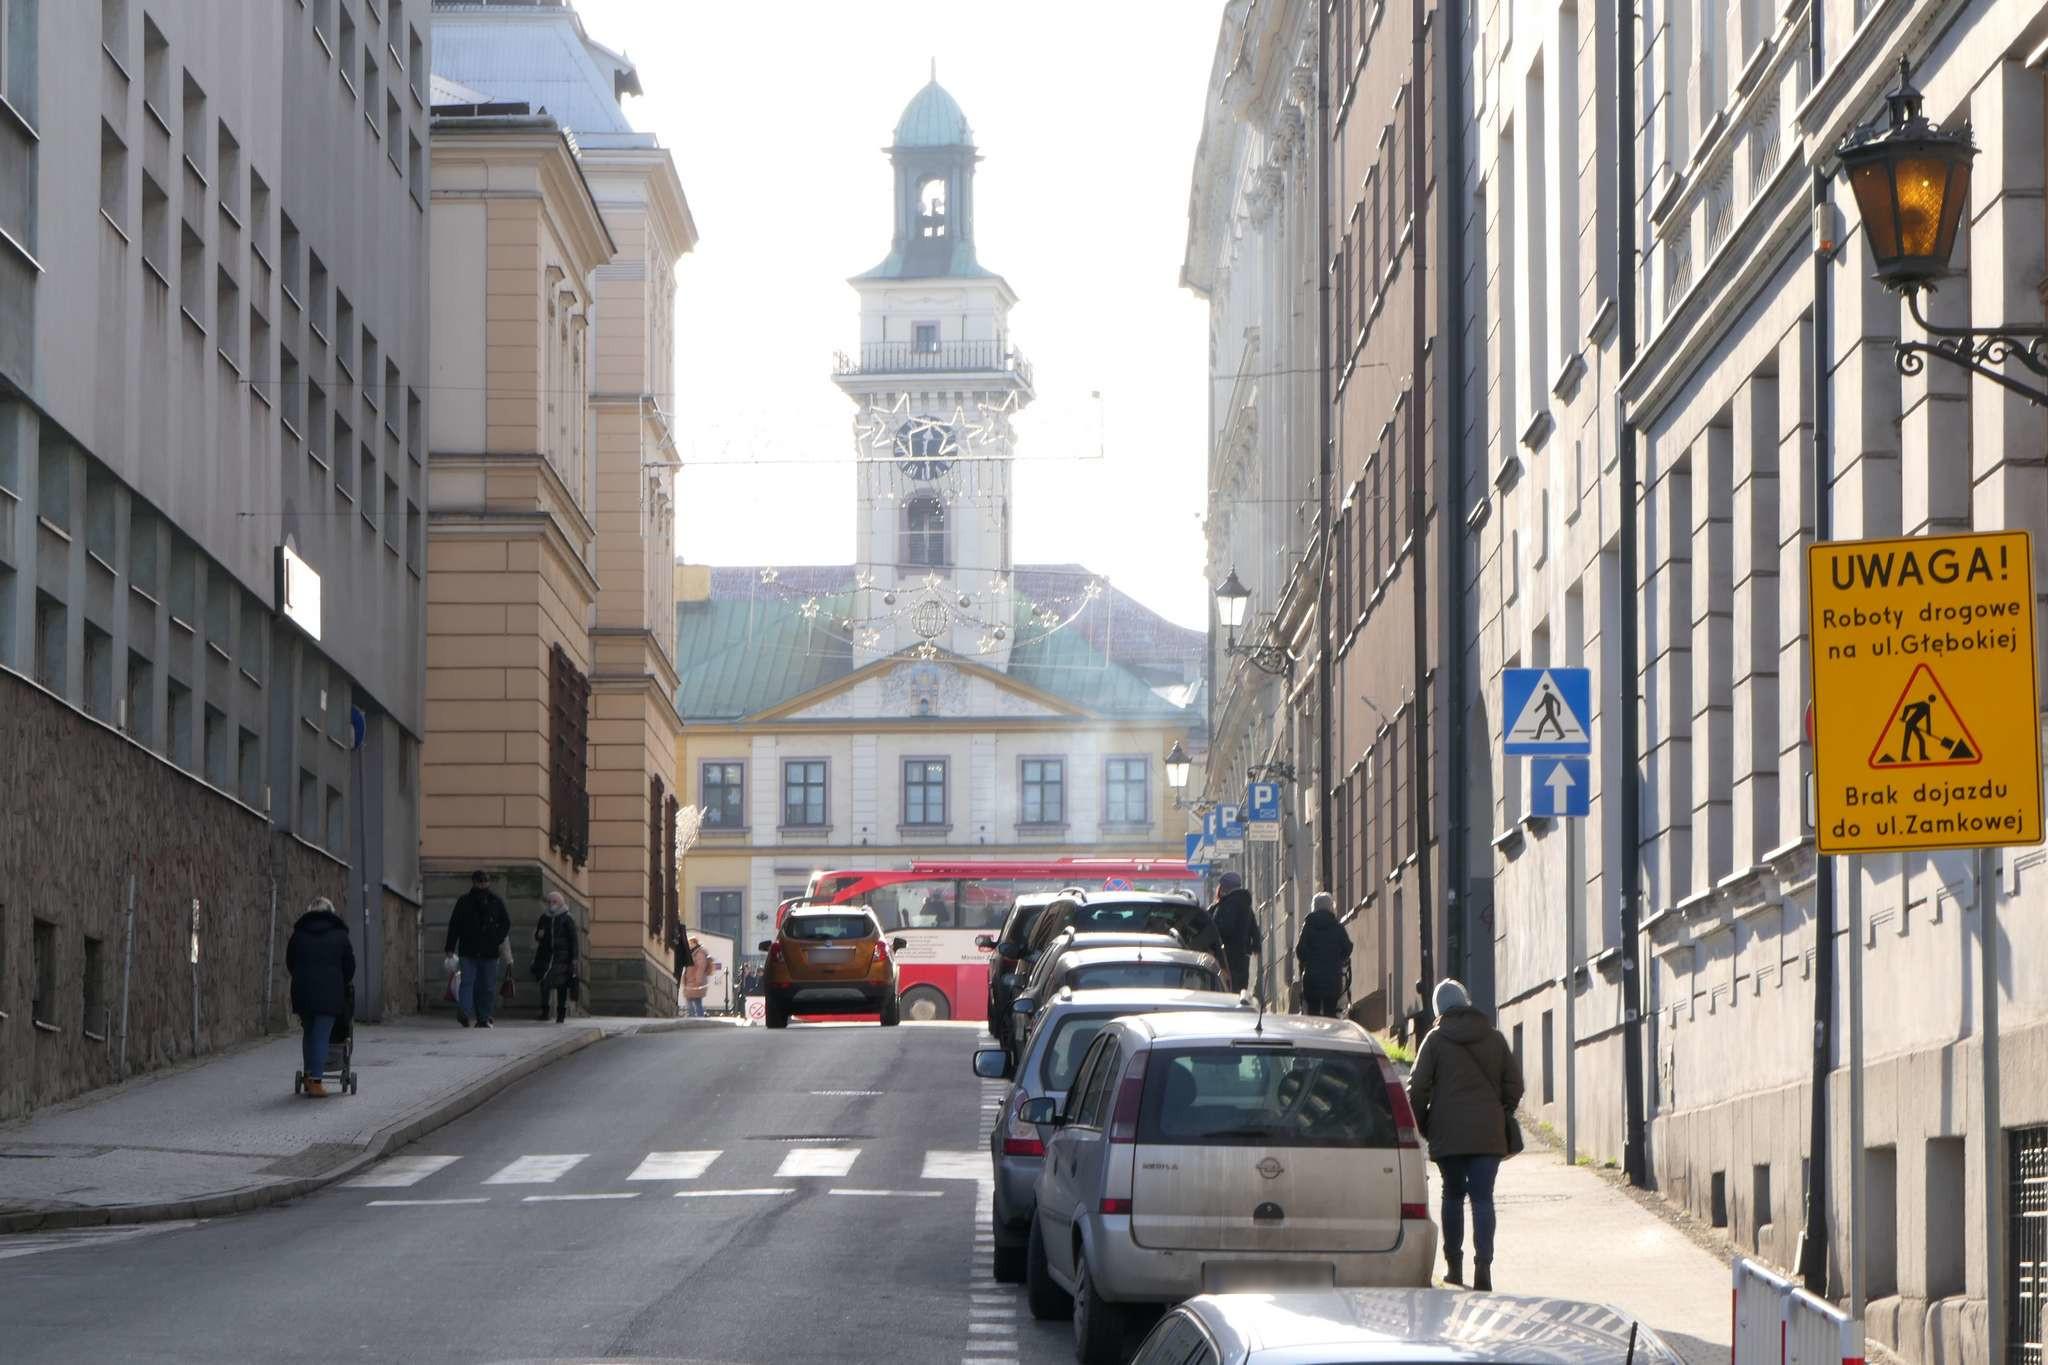 W przyszłym roku wzdłuż ul. Matejki ma zostać wytyczony kontrapas, umożliwiający rowerzystom opuszczenie rynku w kierunku północnym.